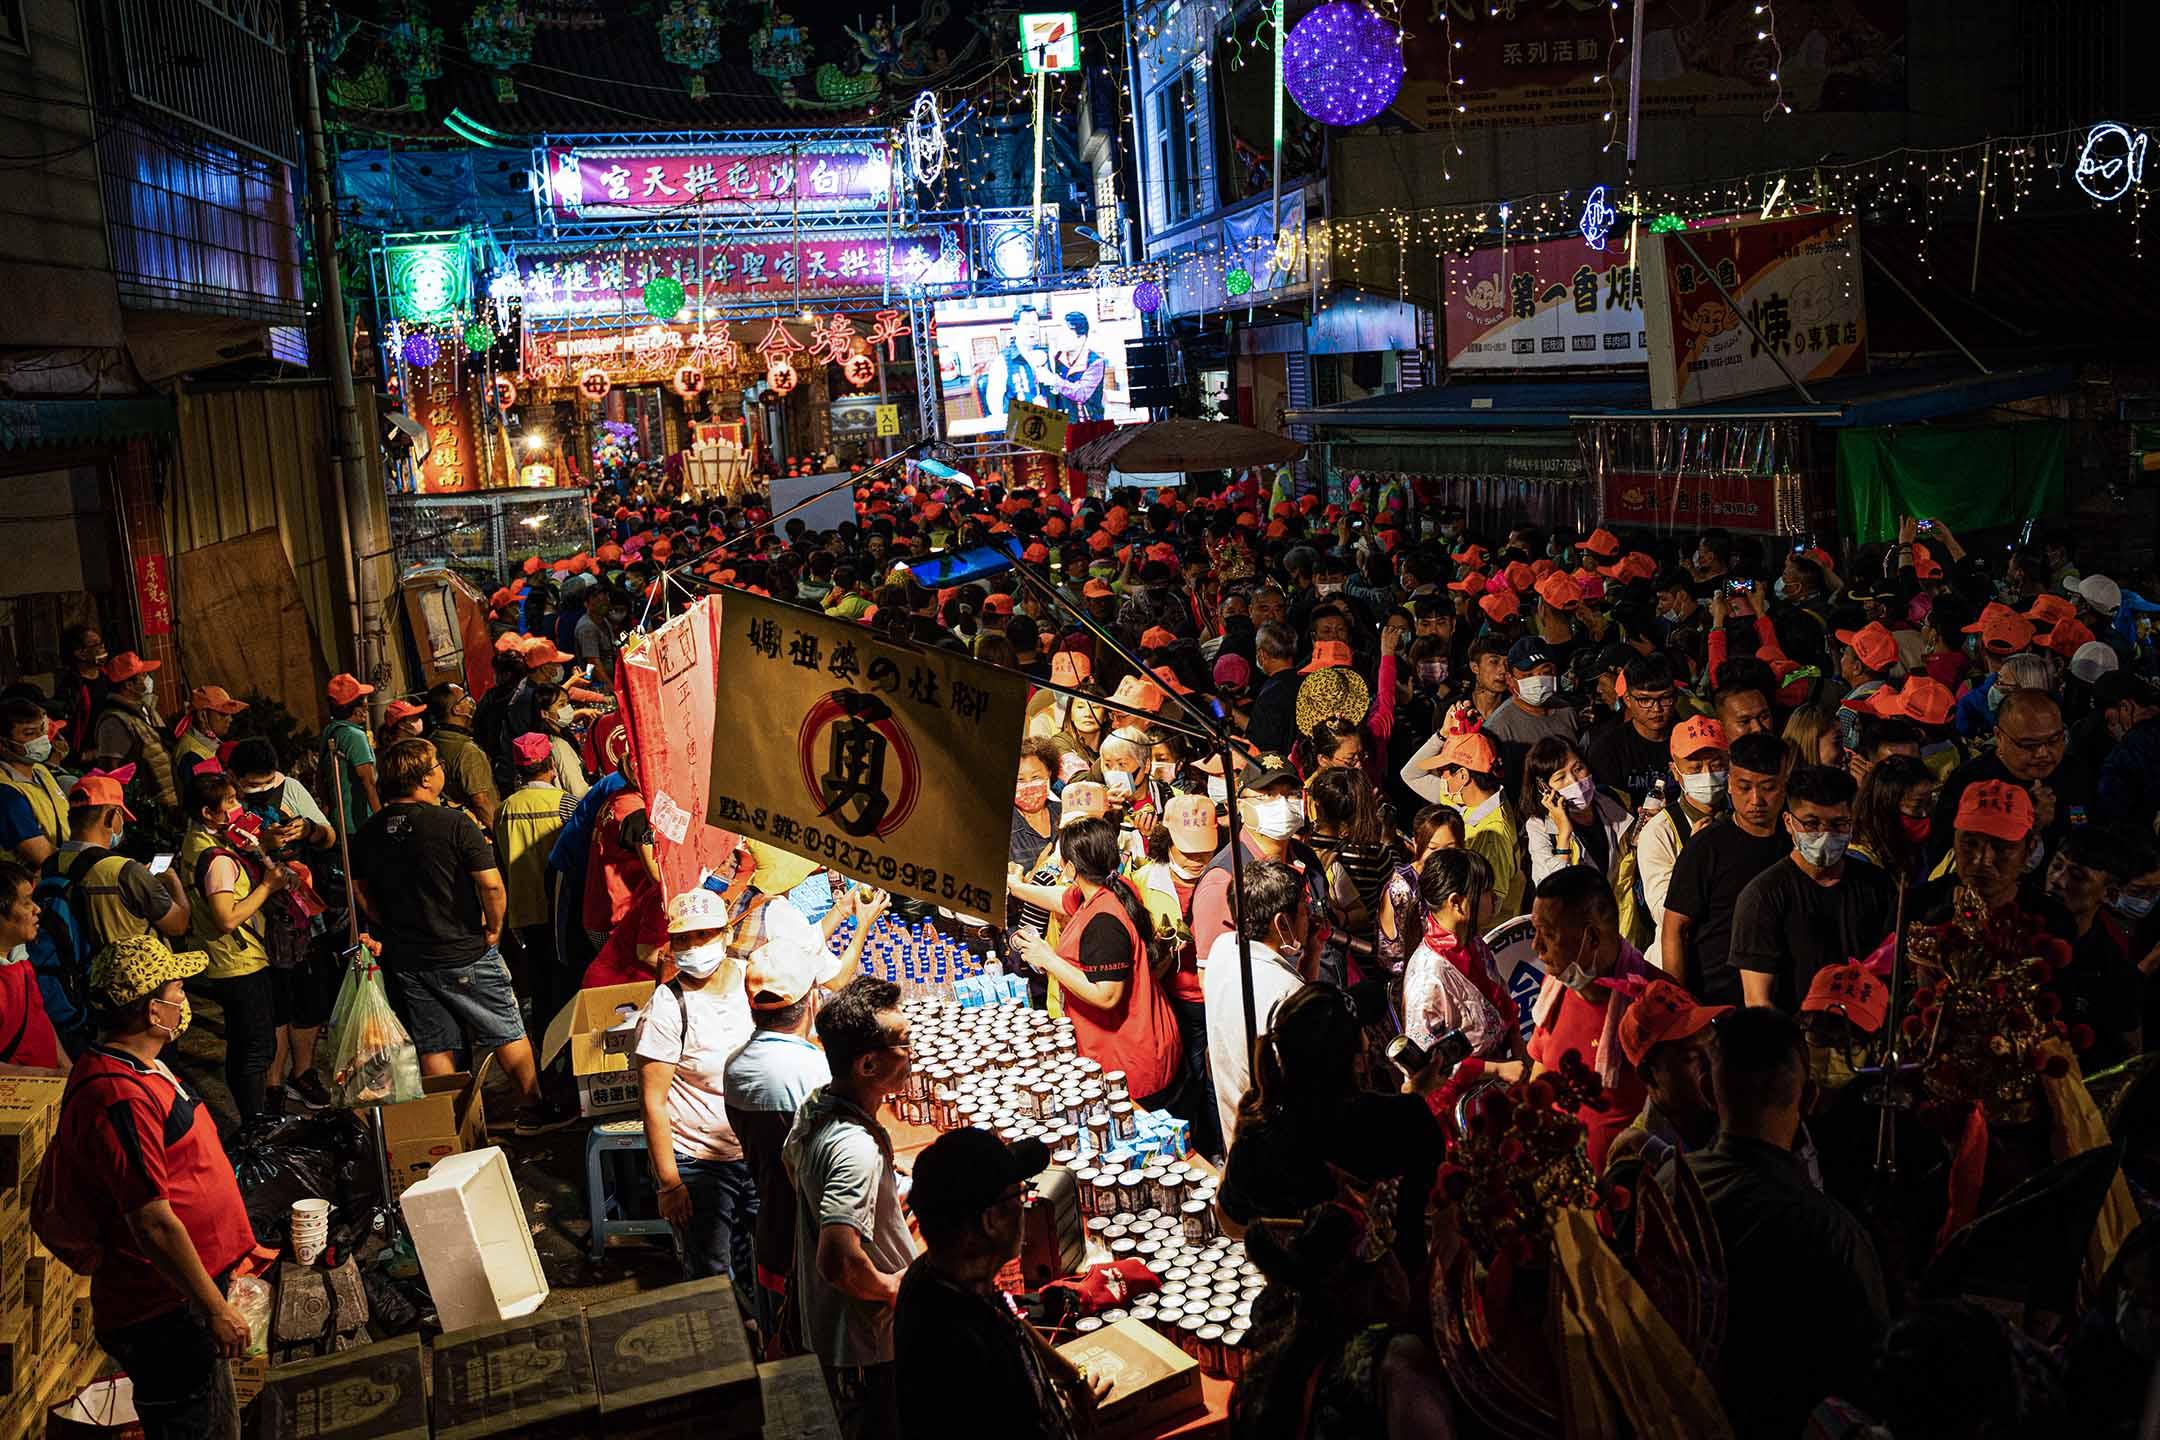 台灣苗栗白沙屯,信眾聚集在拱天宮附近,等待媽祖起駕前往進香。